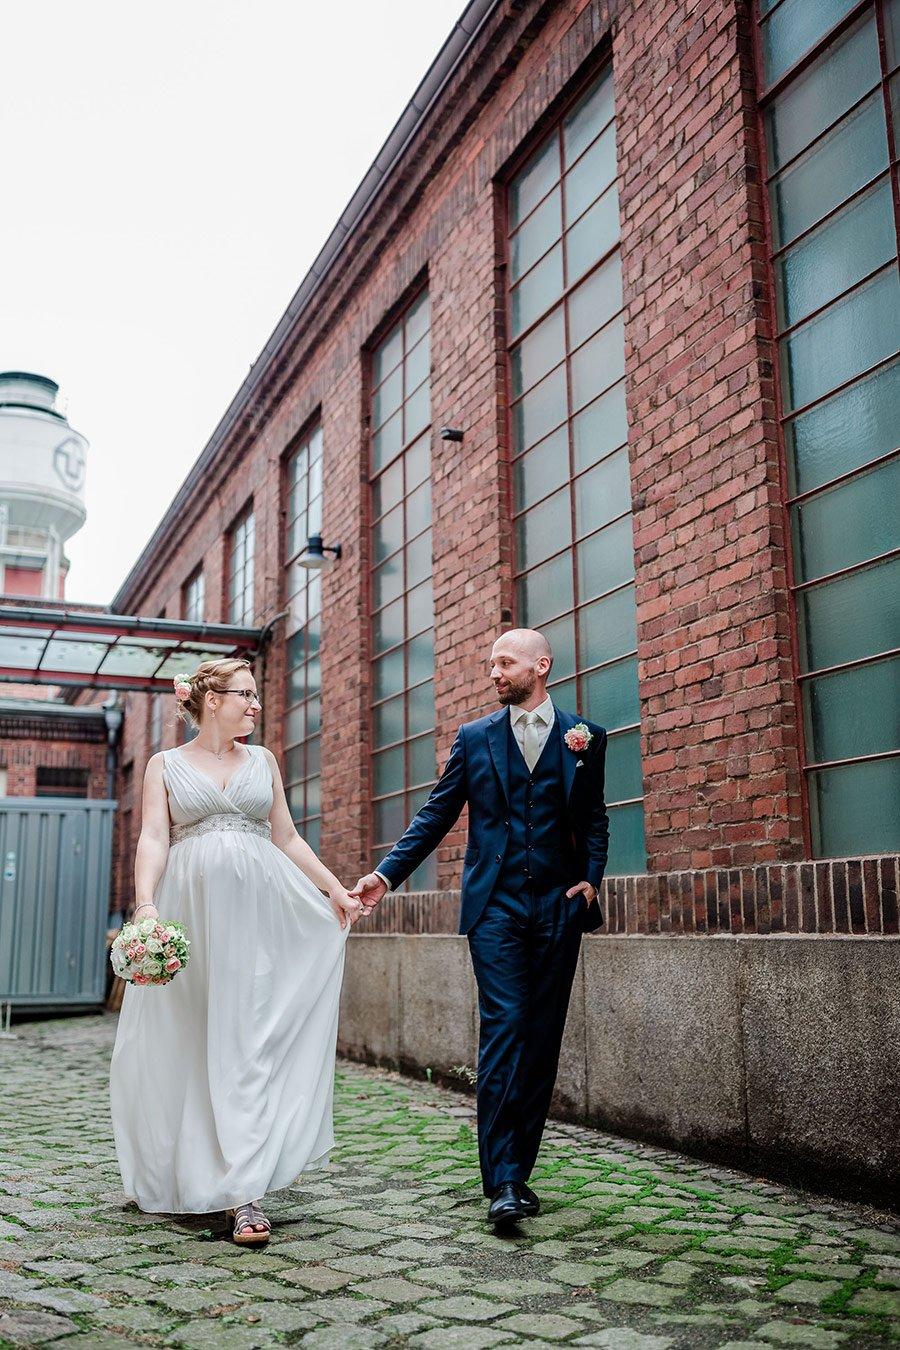 Heiraten-im-Dresdner-Zwinger-So-schoen-kann-dort-eine-Hochzeit-sein-25